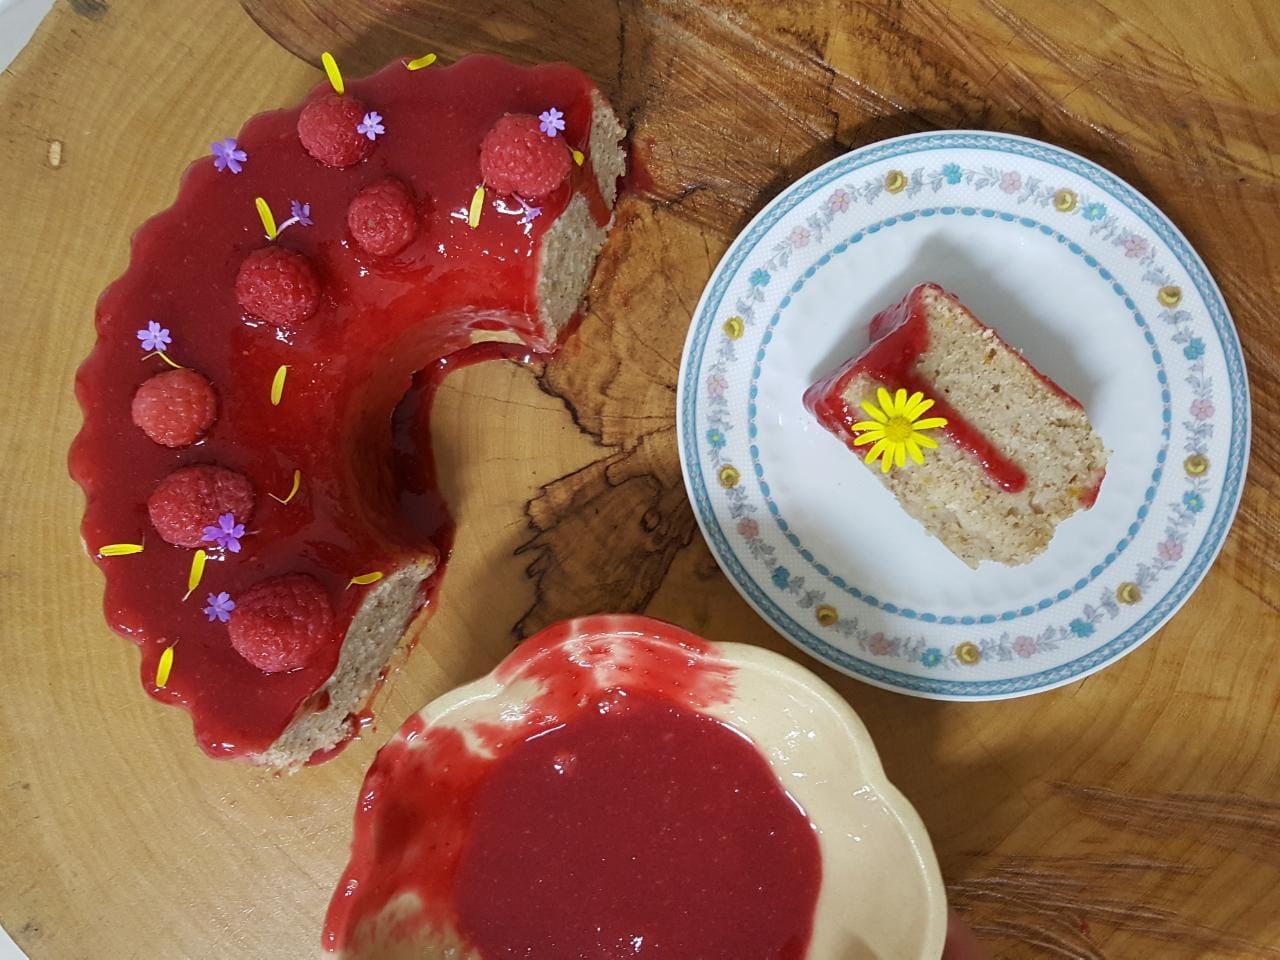 curso bolos caseiros julia guedes curitiba bolo de amêndoa com framboesa